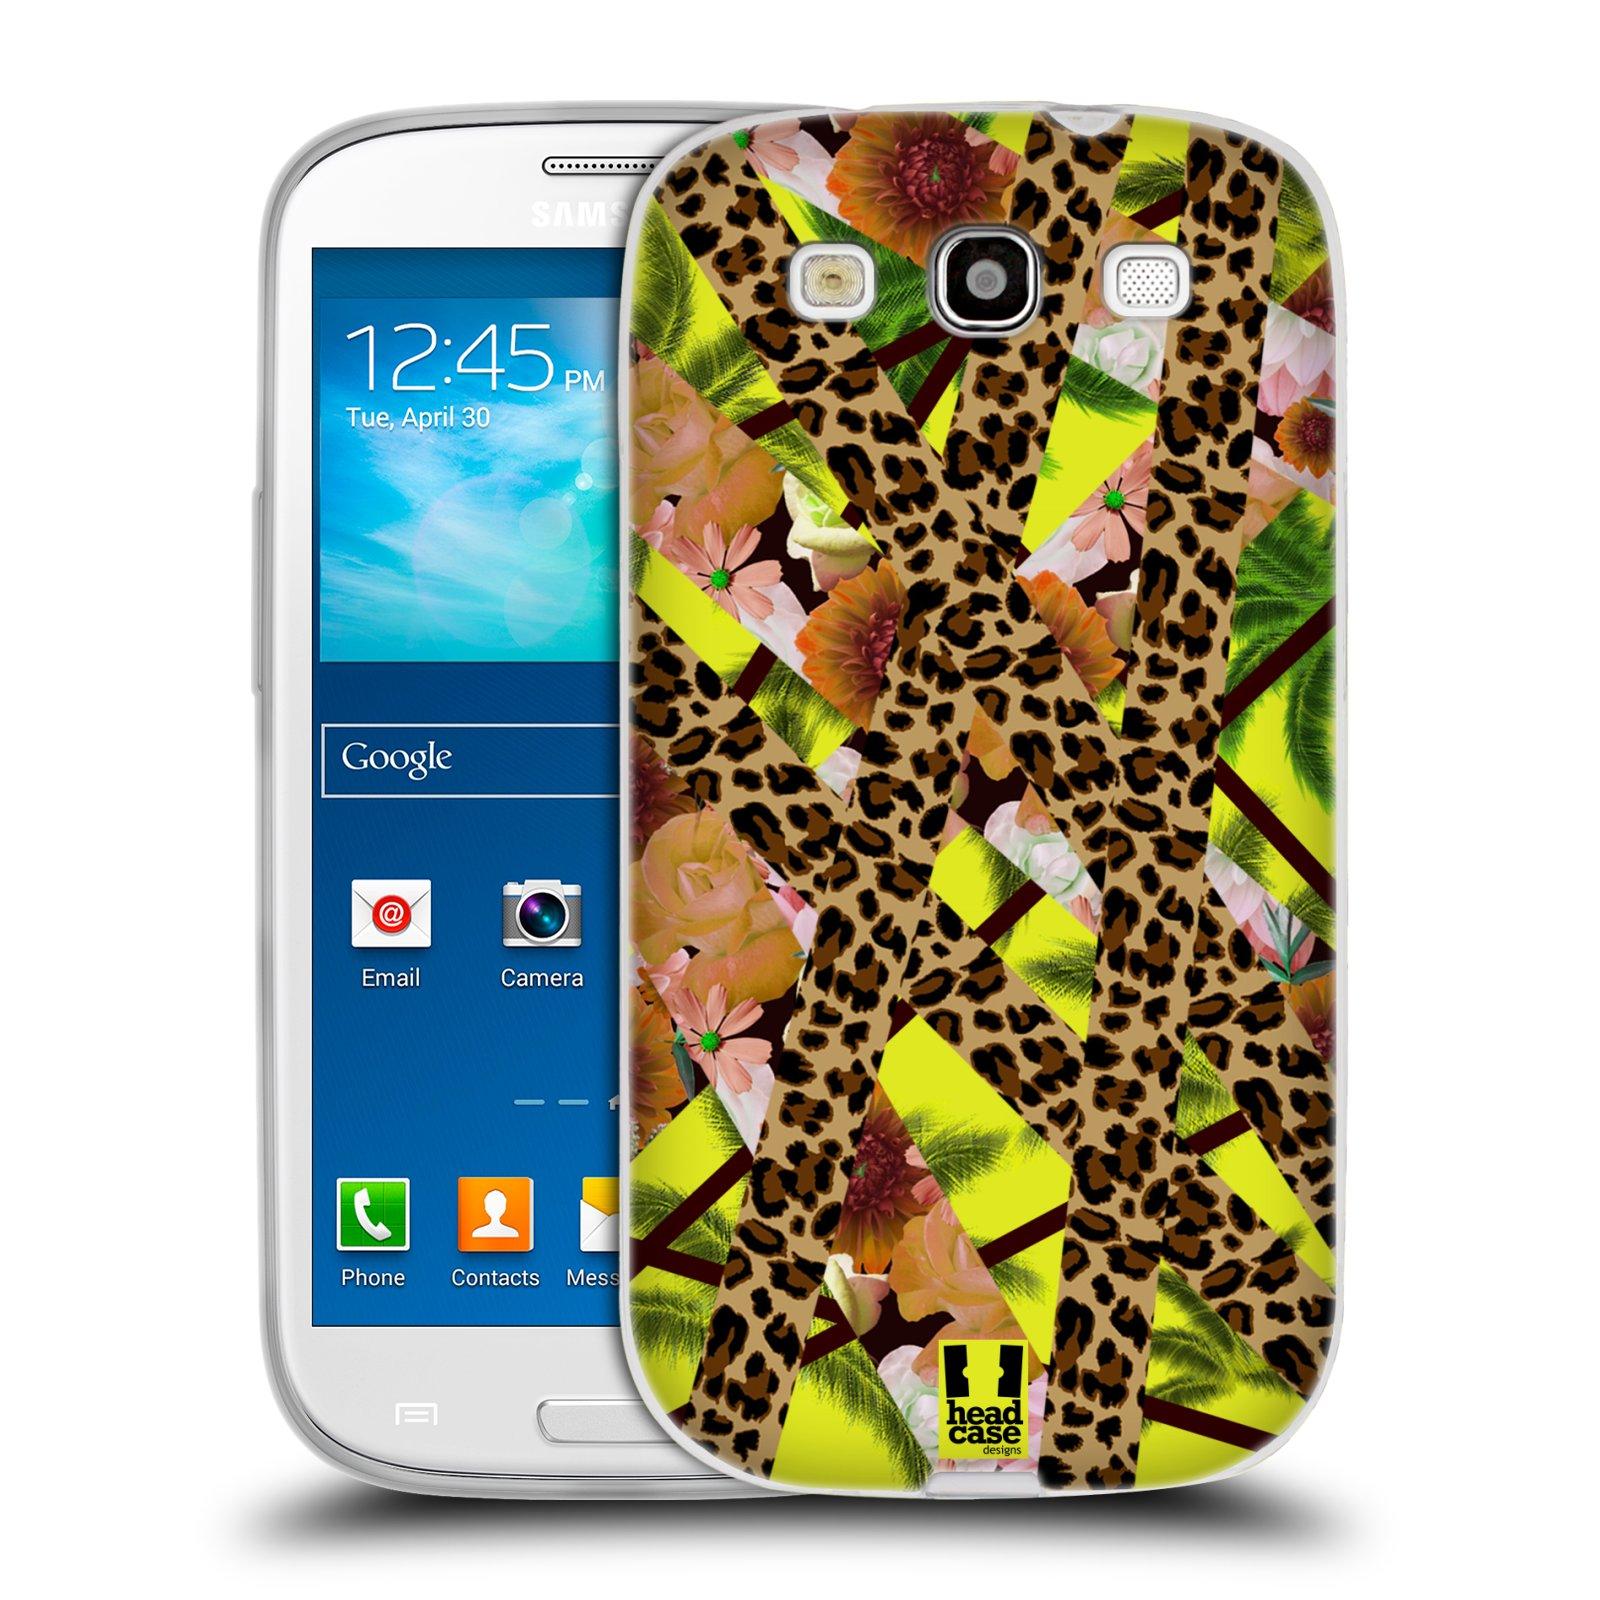 Silikonové pouzdro na mobil Samsung Galaxy S3 Neo HEAD CASE MIX TROPIC (Silikonový kryt či obal na mobilní telefon Samsung Galaxy S3 Neo GT-i9301i)